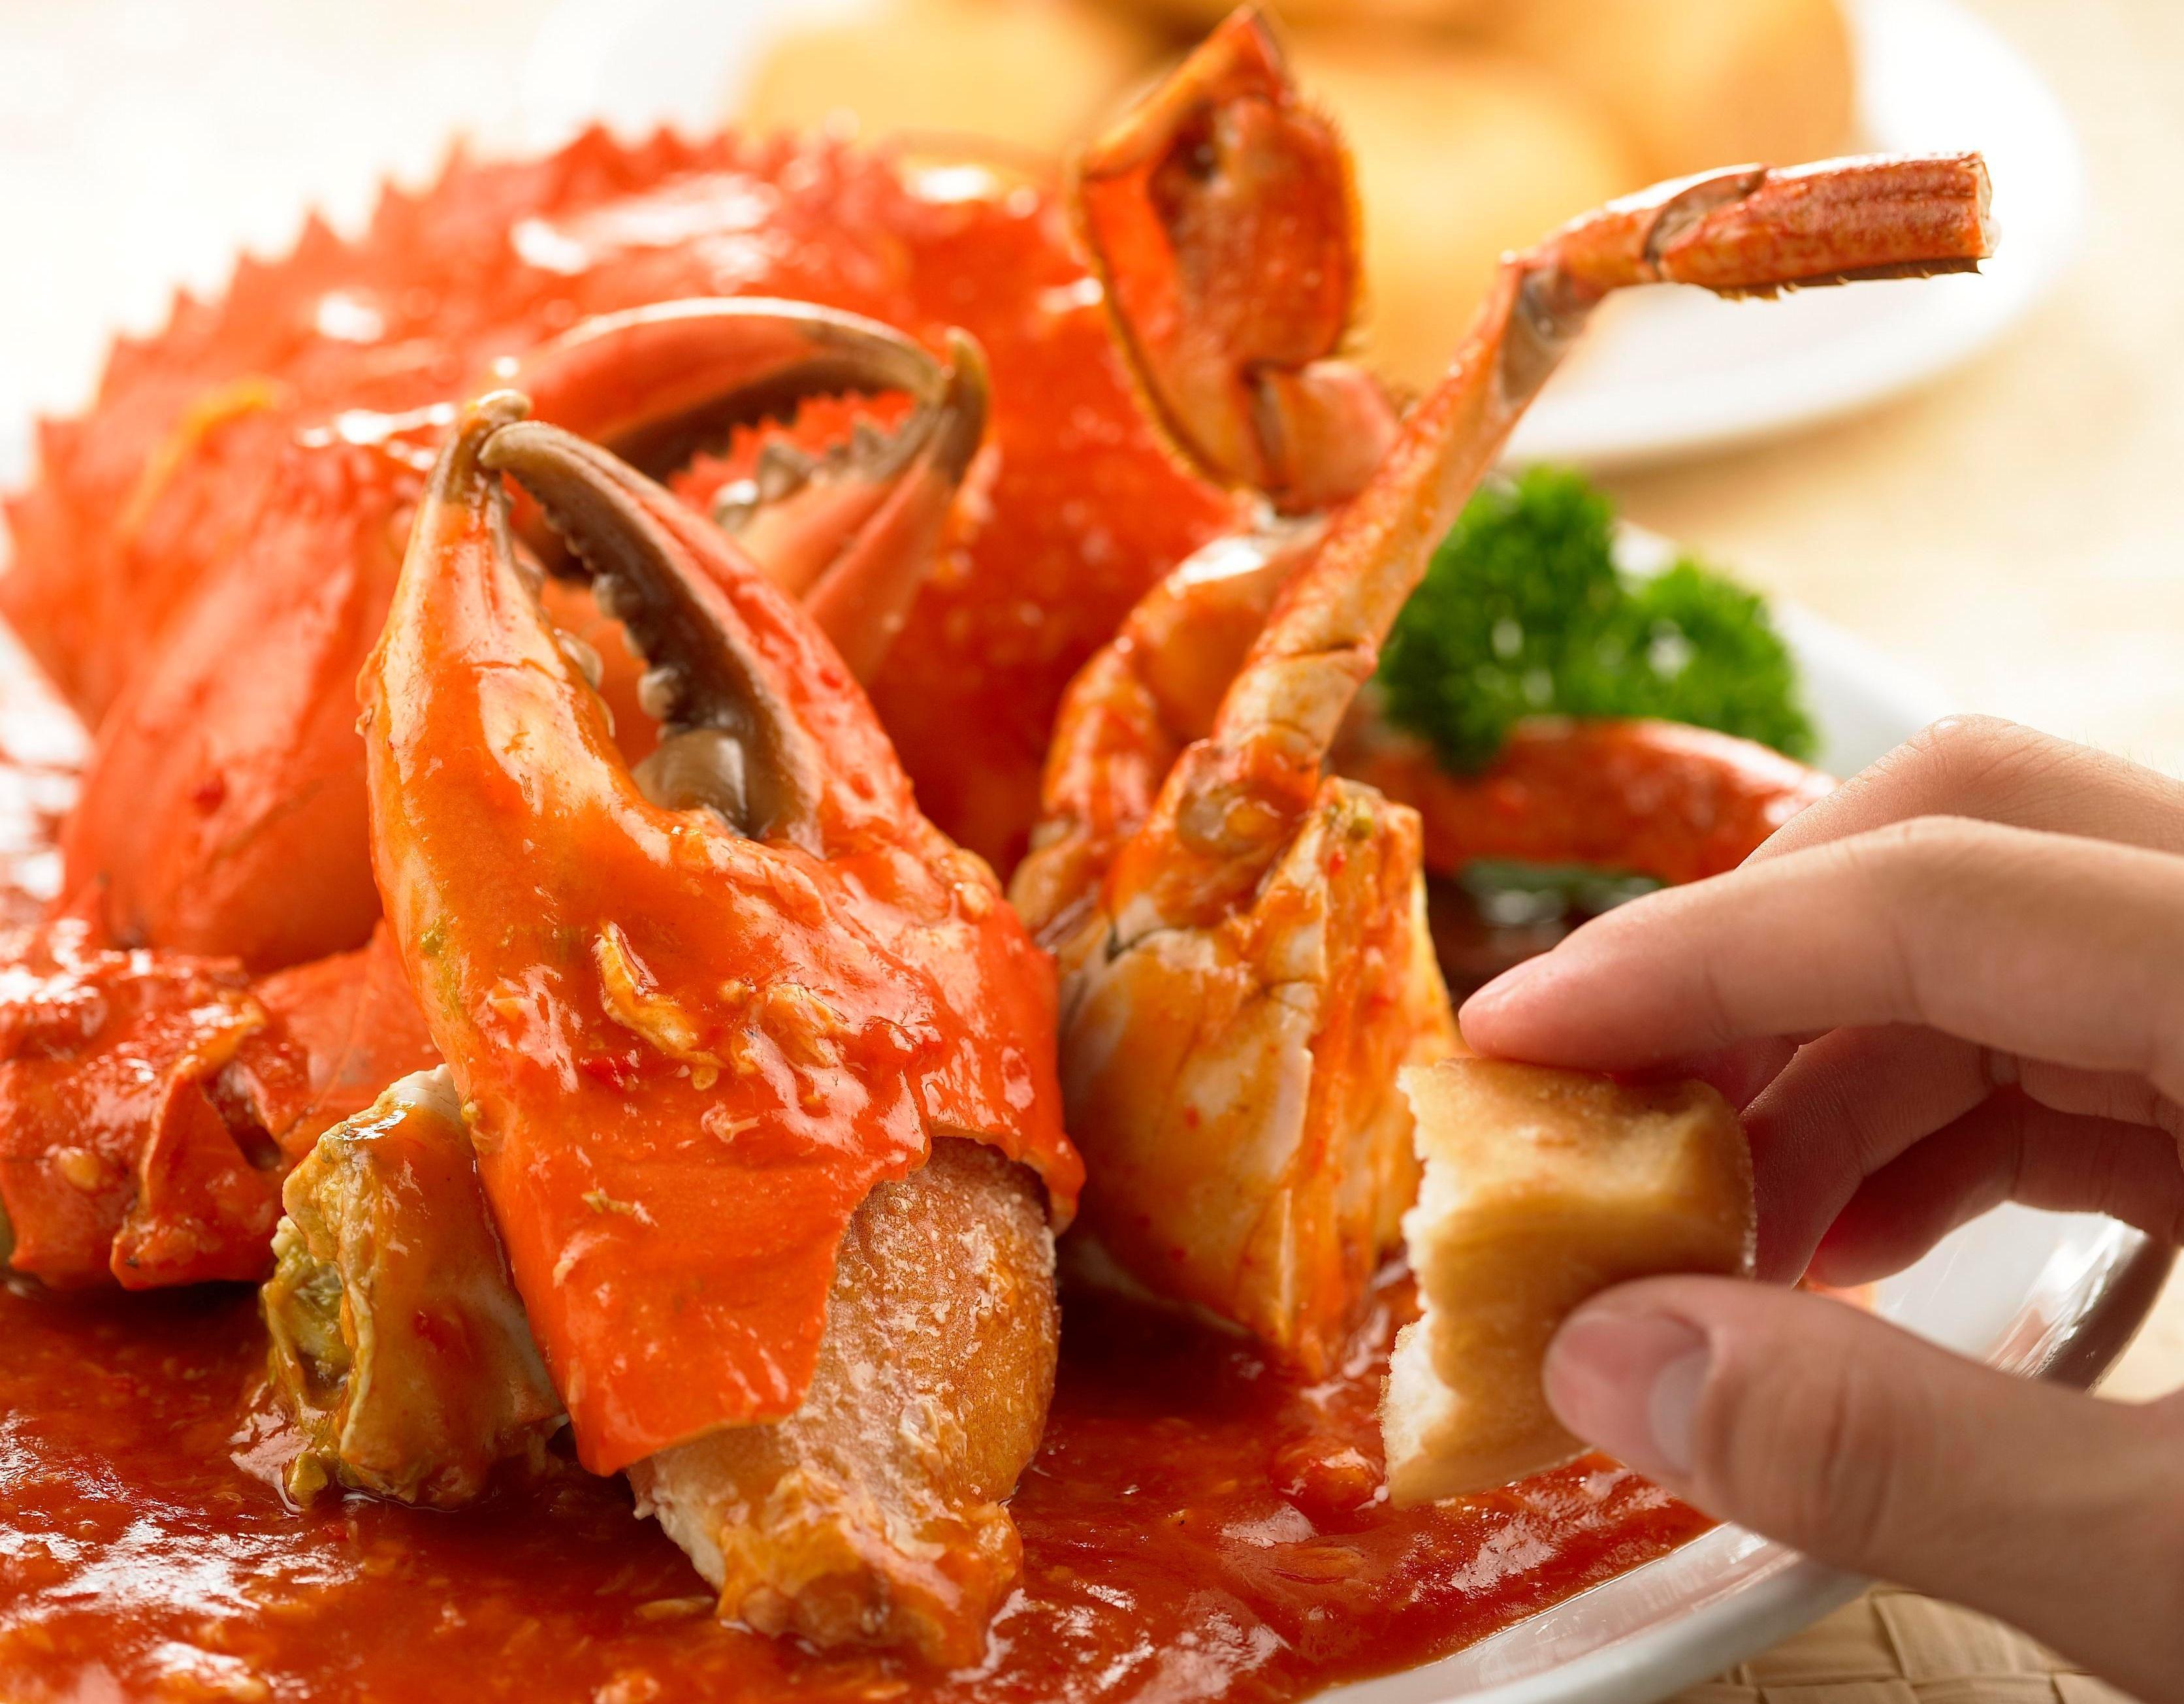 Spicy crab recipes easy